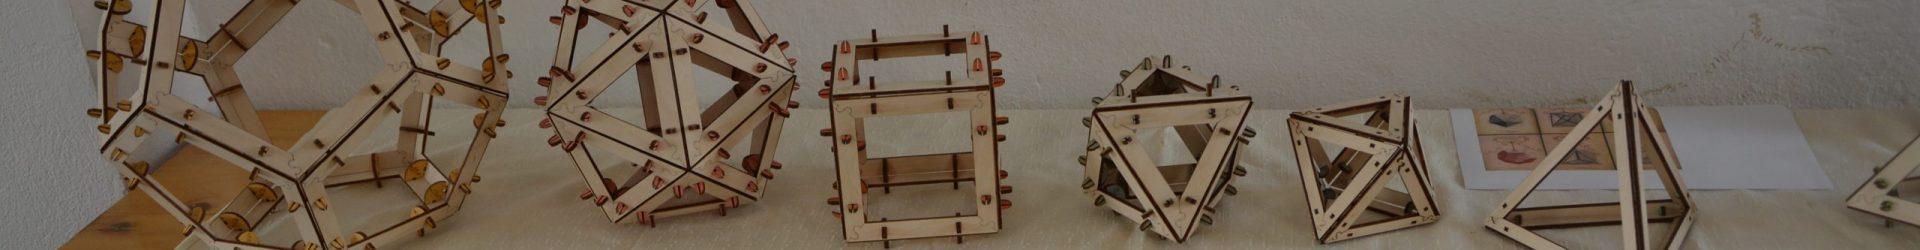 Hersteller: Woodheros